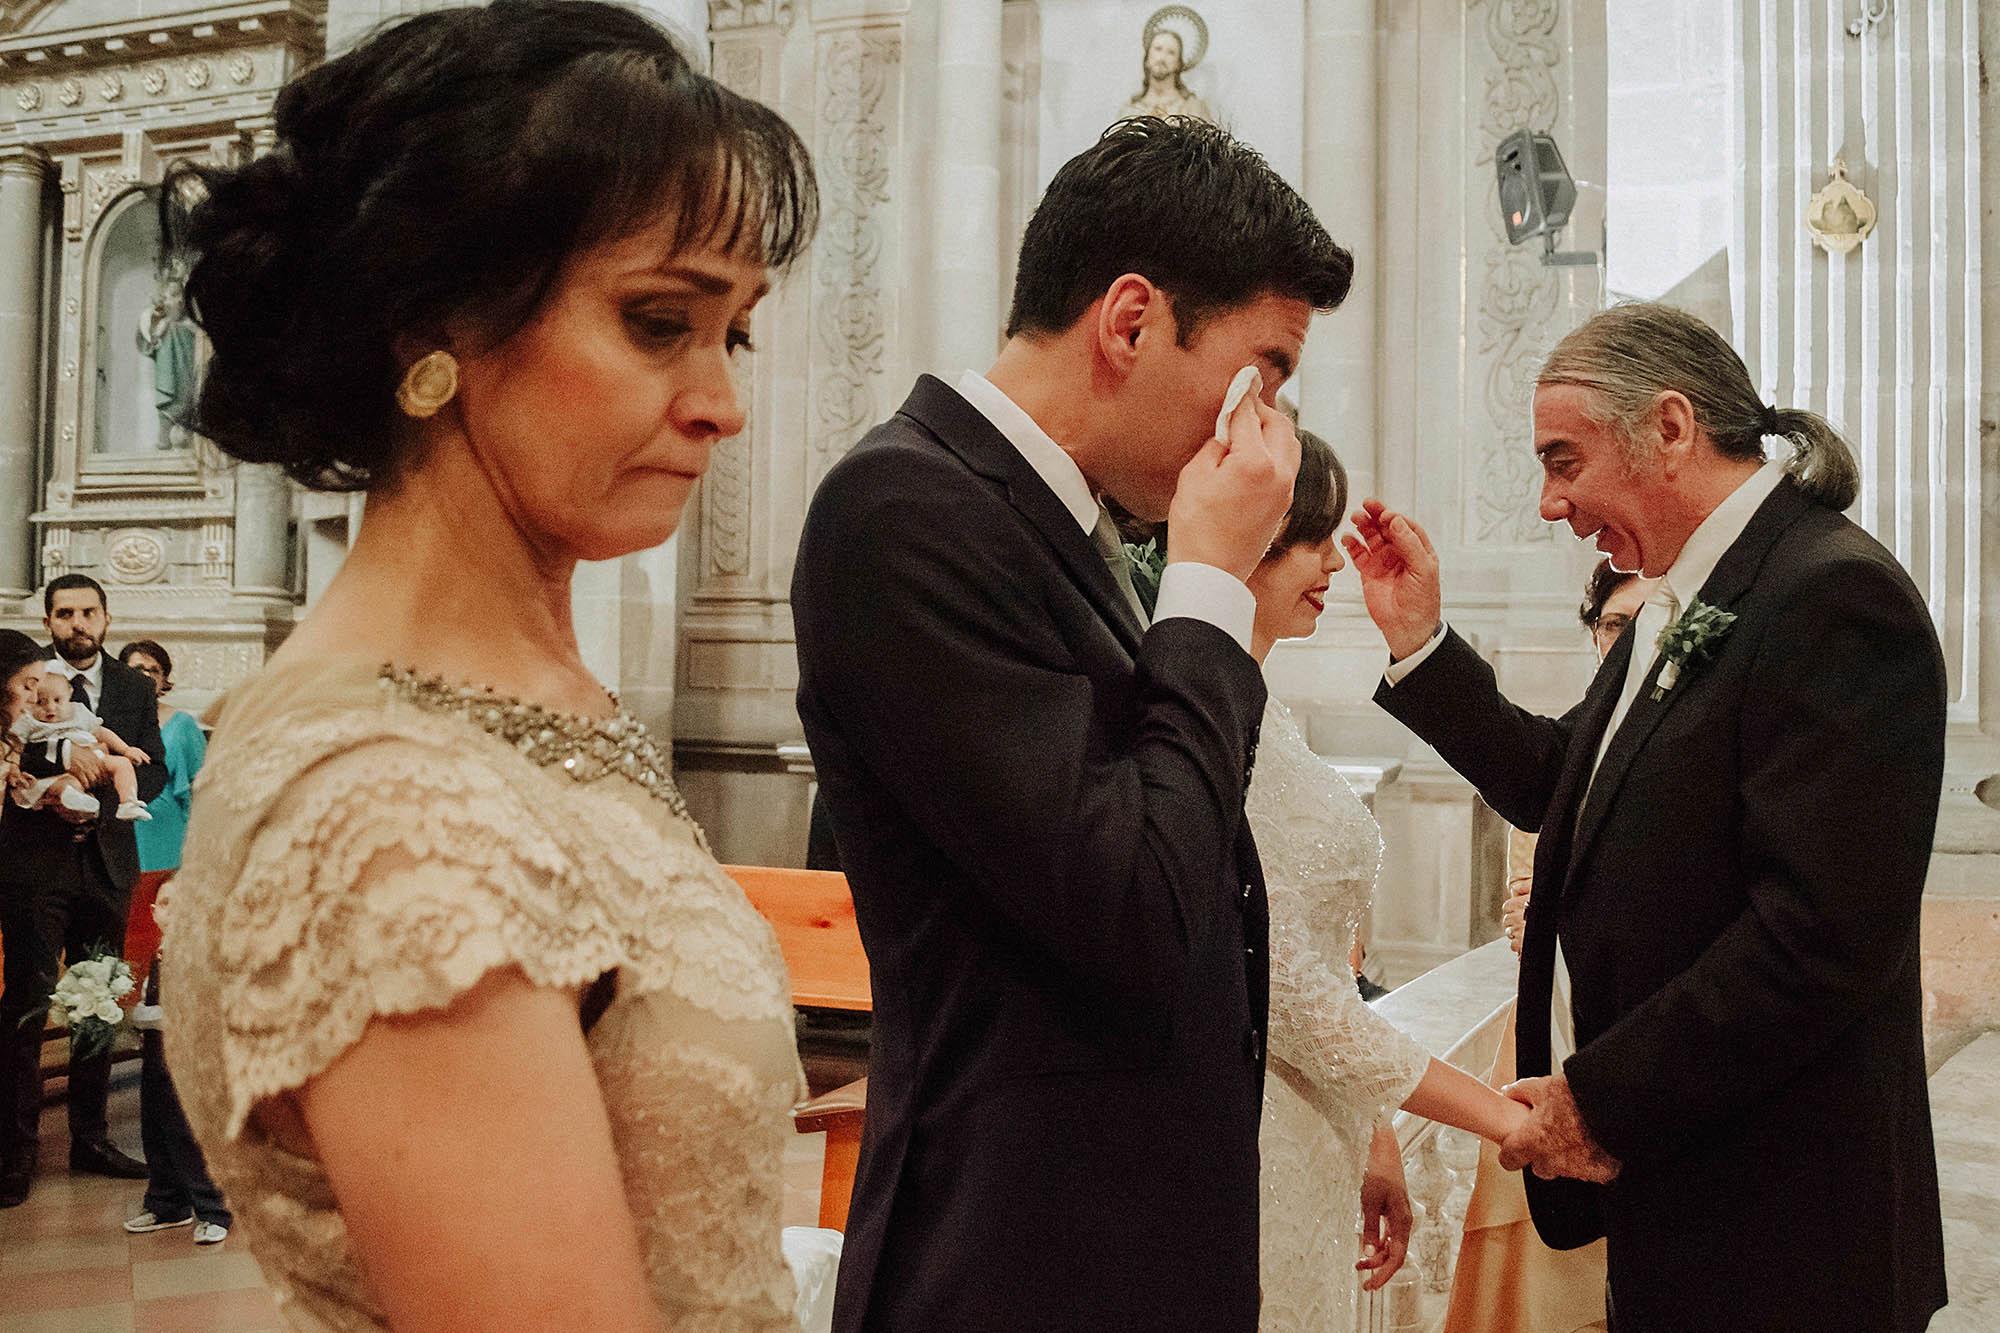 fotografia-de-boda-destino-Jimena-Mañon-Javier-Mere-5.jpg